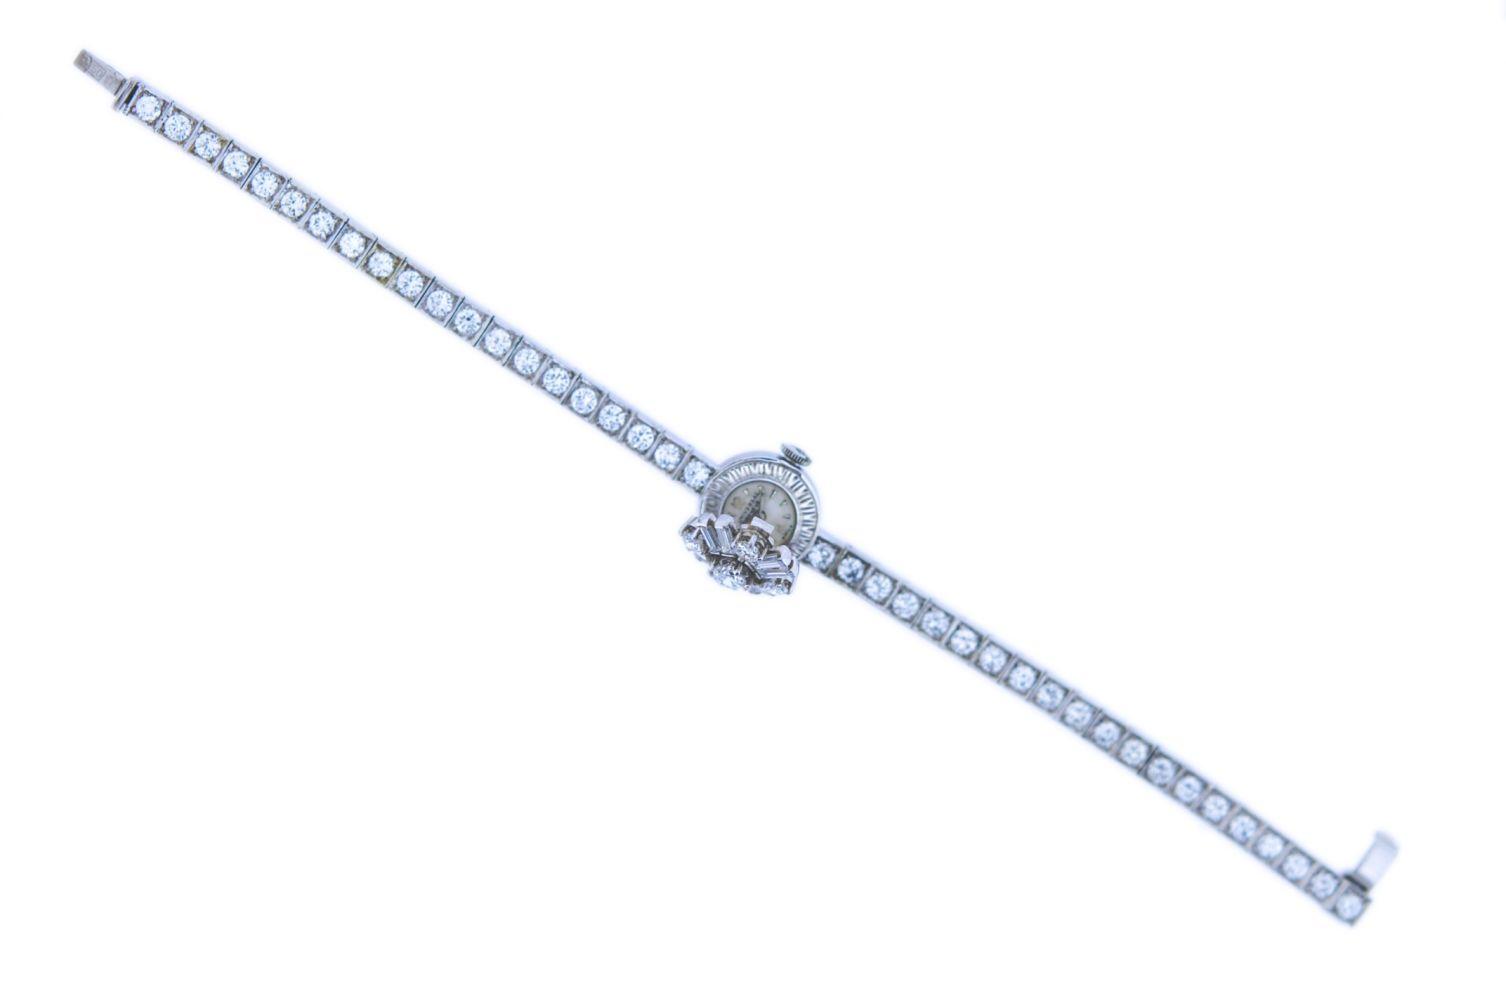 #69 Diamond Bracelet | Diamantarmband Image